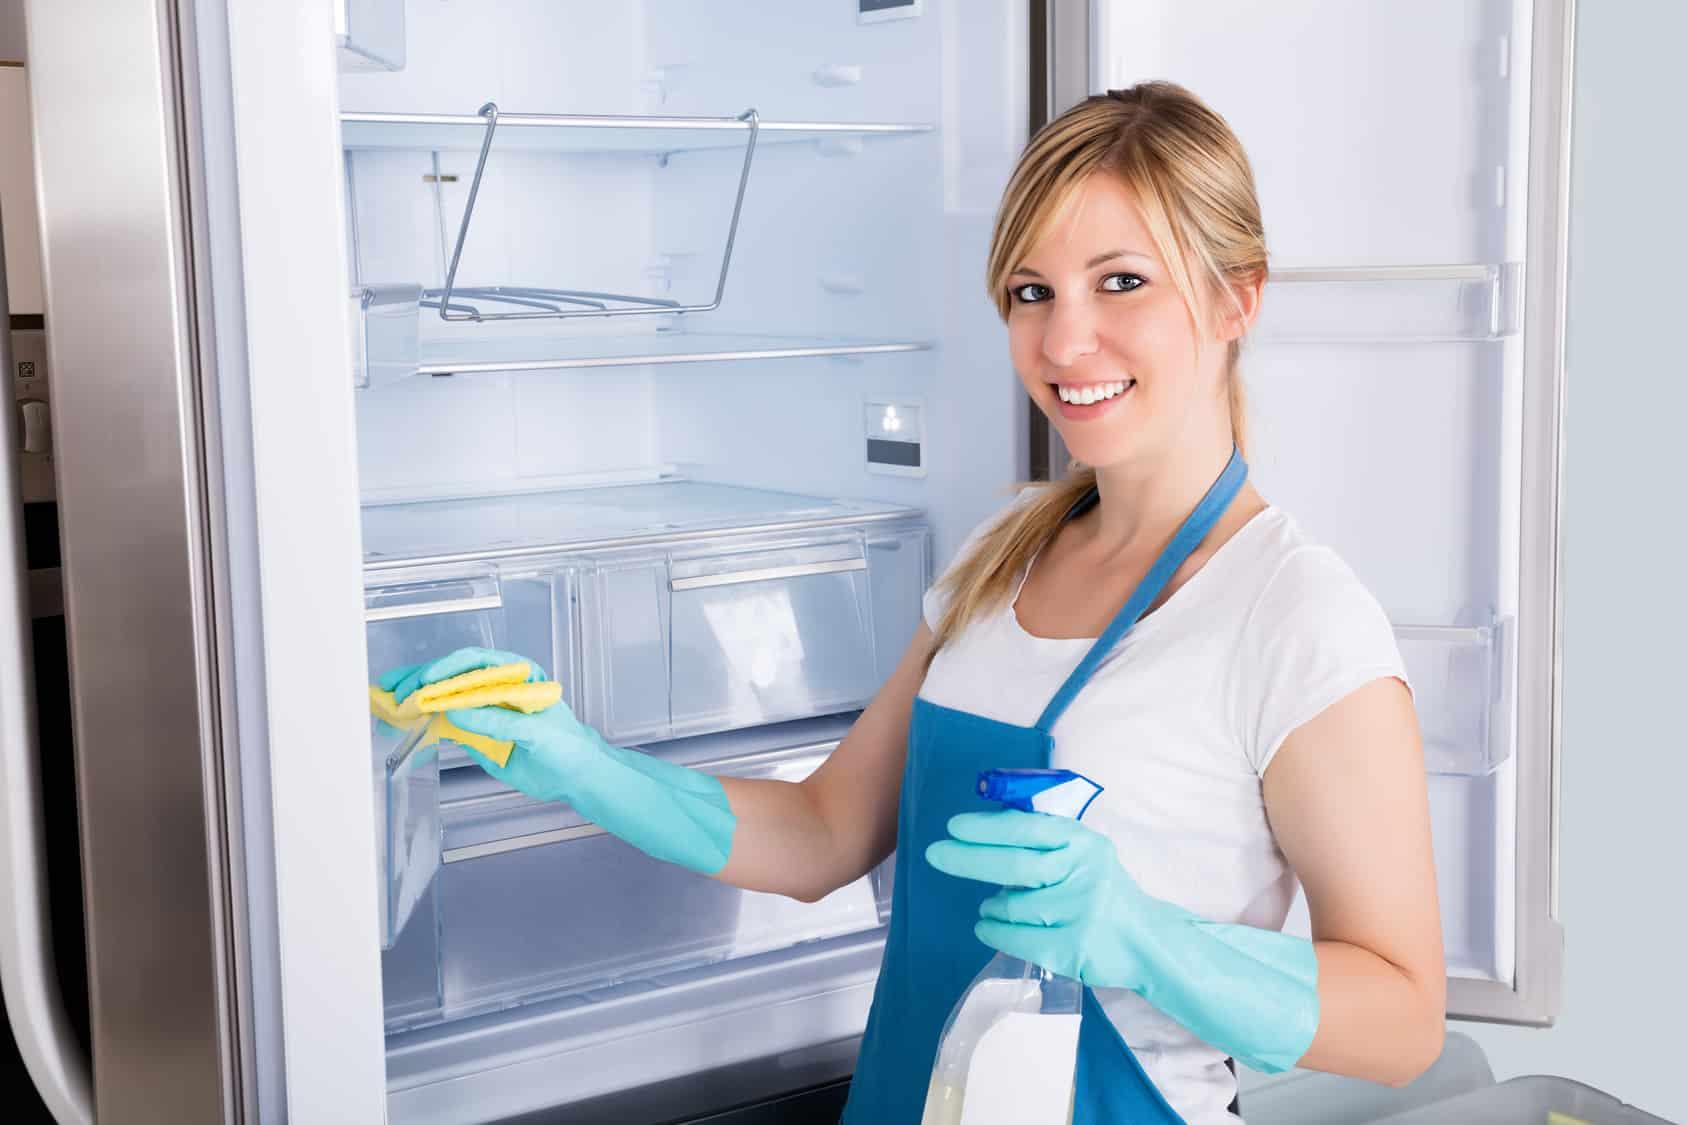 Siemens Kühlschrank Nur Gefrierfach Abtauen : Den gefrierschrank abtauen u das müssen sie beachten